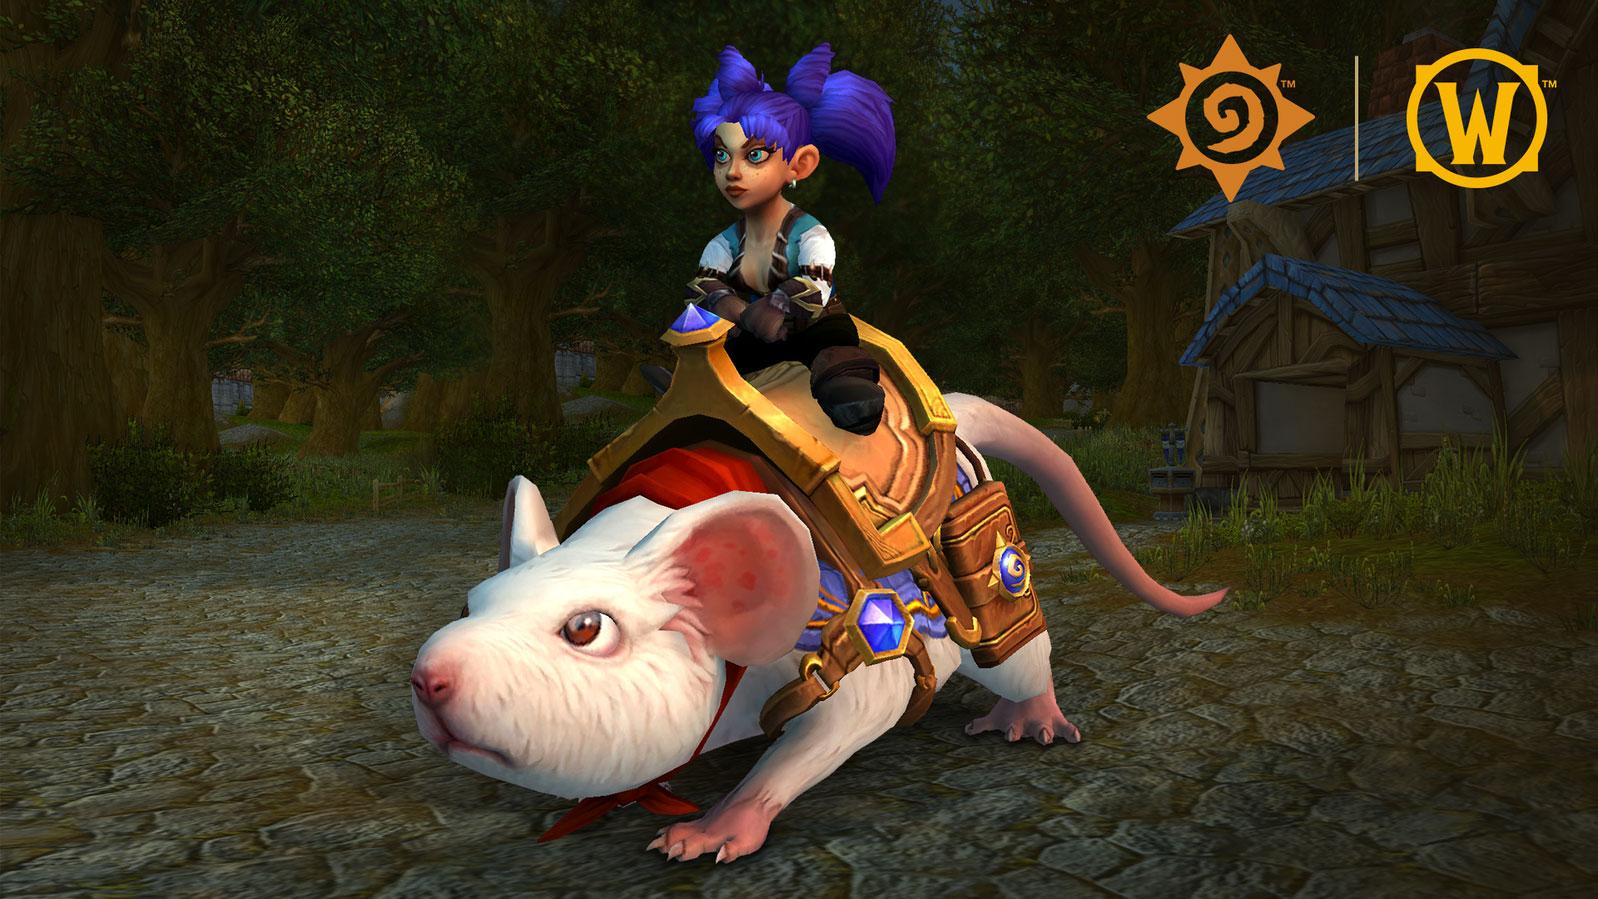 Sergent est une nouvelle monture pour World of Warcraft